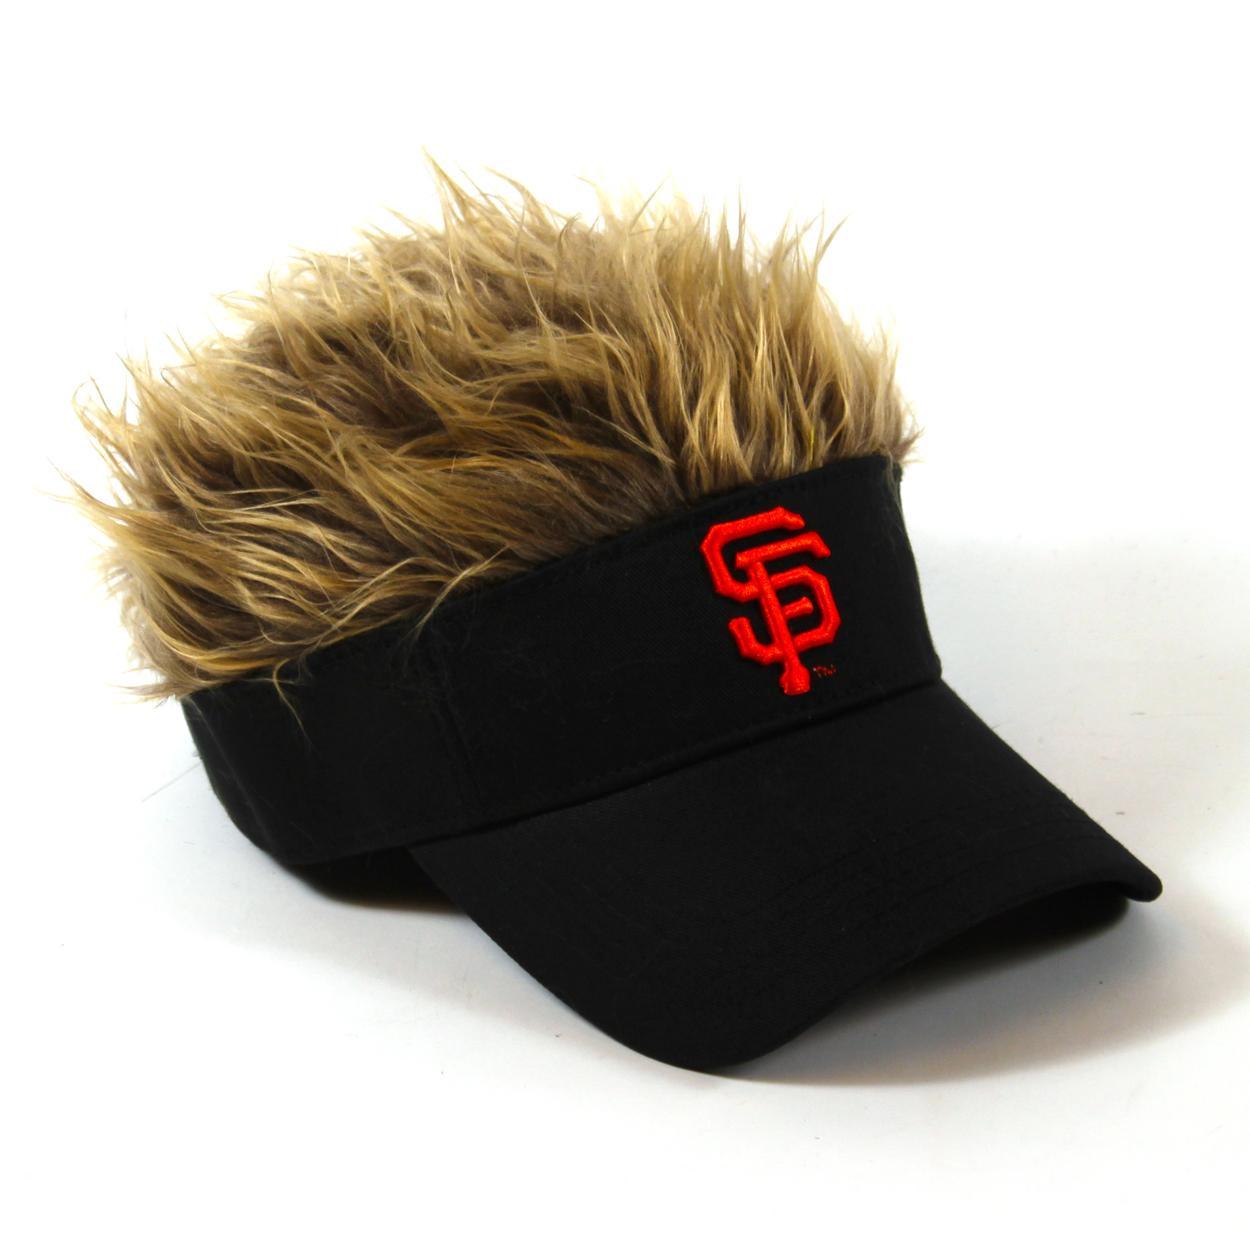 8b0fc4120db San Diego Padres Flair Hair Visor - No Size